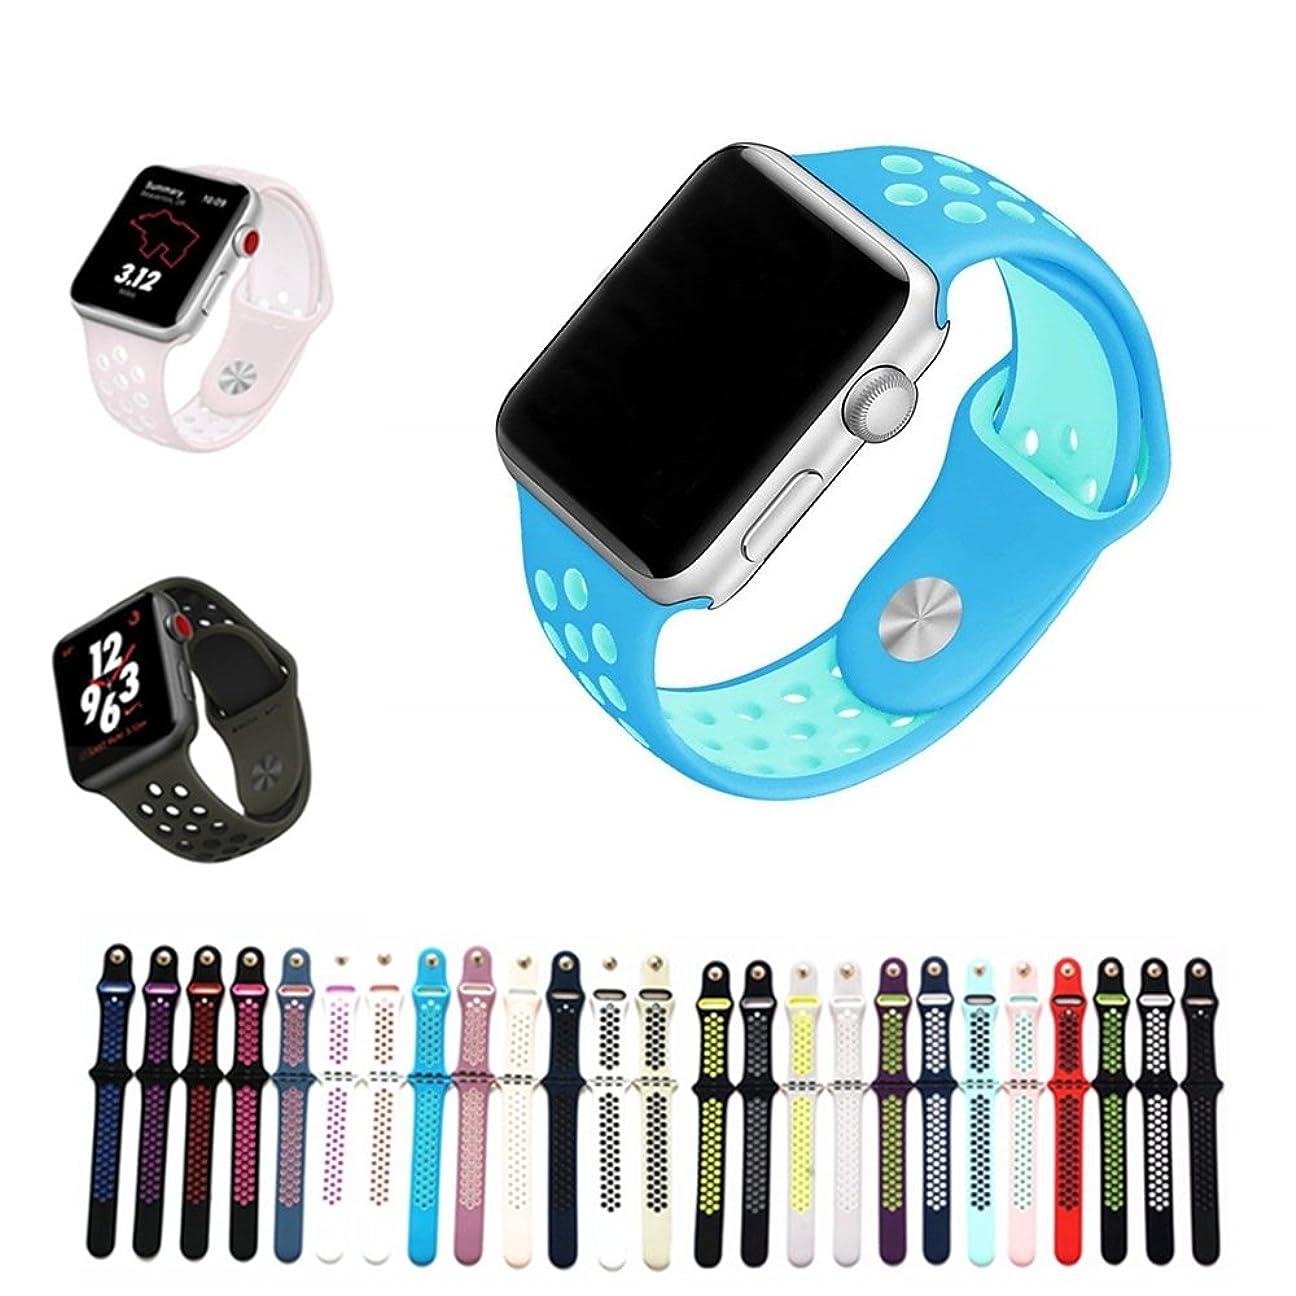 消化感情のプレフィックスFor Apple Watch バンド シリカゲル アップルウォッチNike+ / New apple watch series1/2/3/4用のアップルウォッチバンドとアップルウォッチ 対応 40MM 44MM シリカゲルバンド スポーツシリコンストラップリストバンド交換バンド柔らか運動型 (44MM-S/M, ブルー+緑)